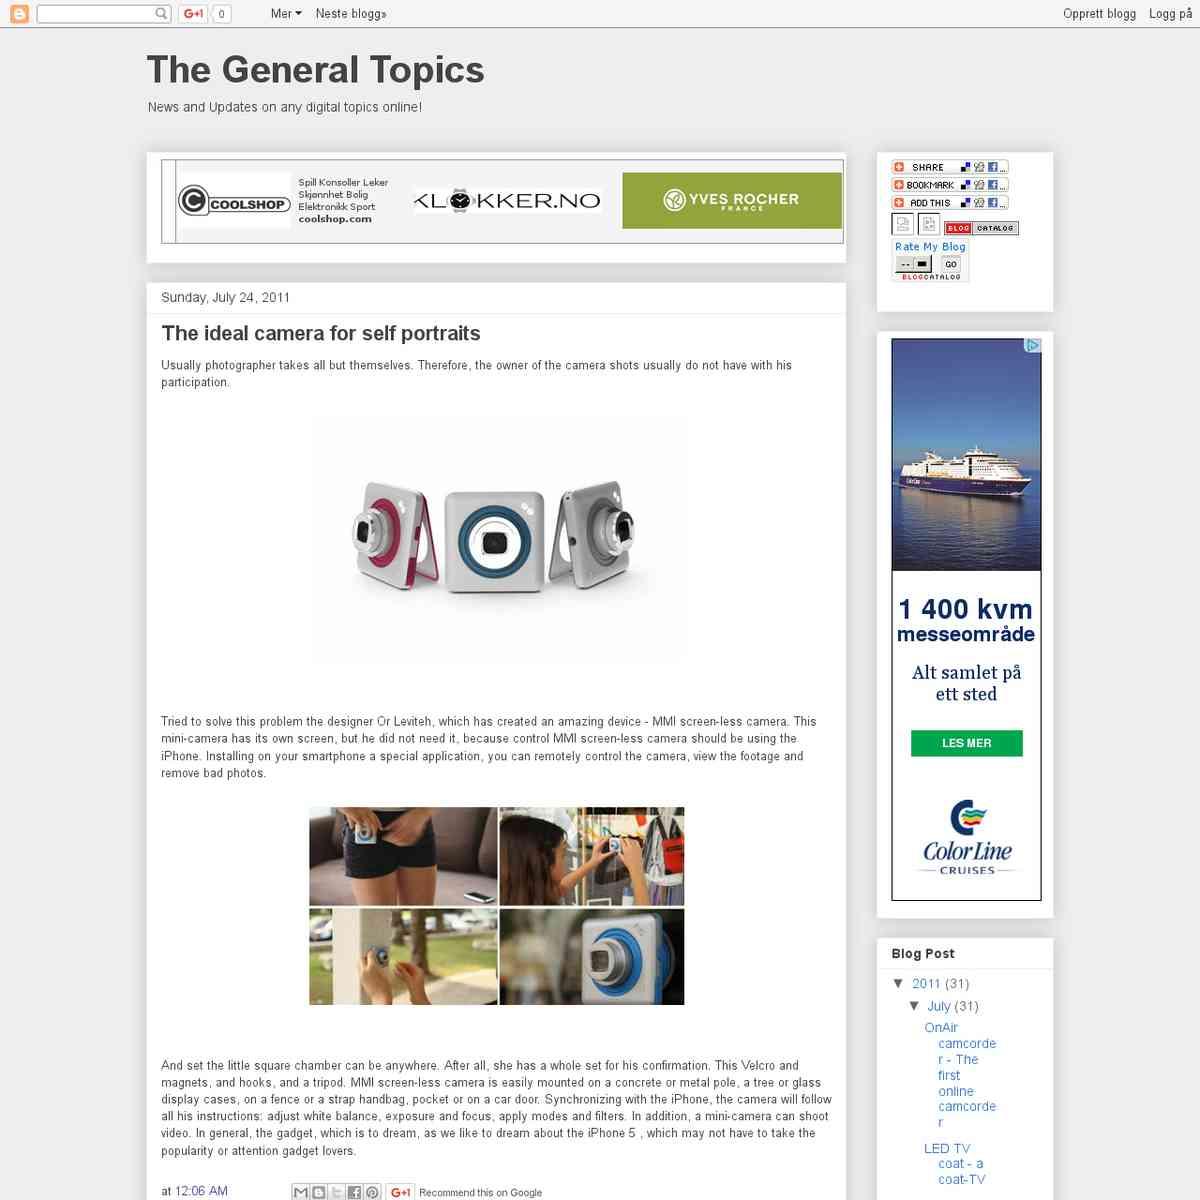 gentopics.blogspot.com/2011/07/ideal-camera-for-self-portraits.html